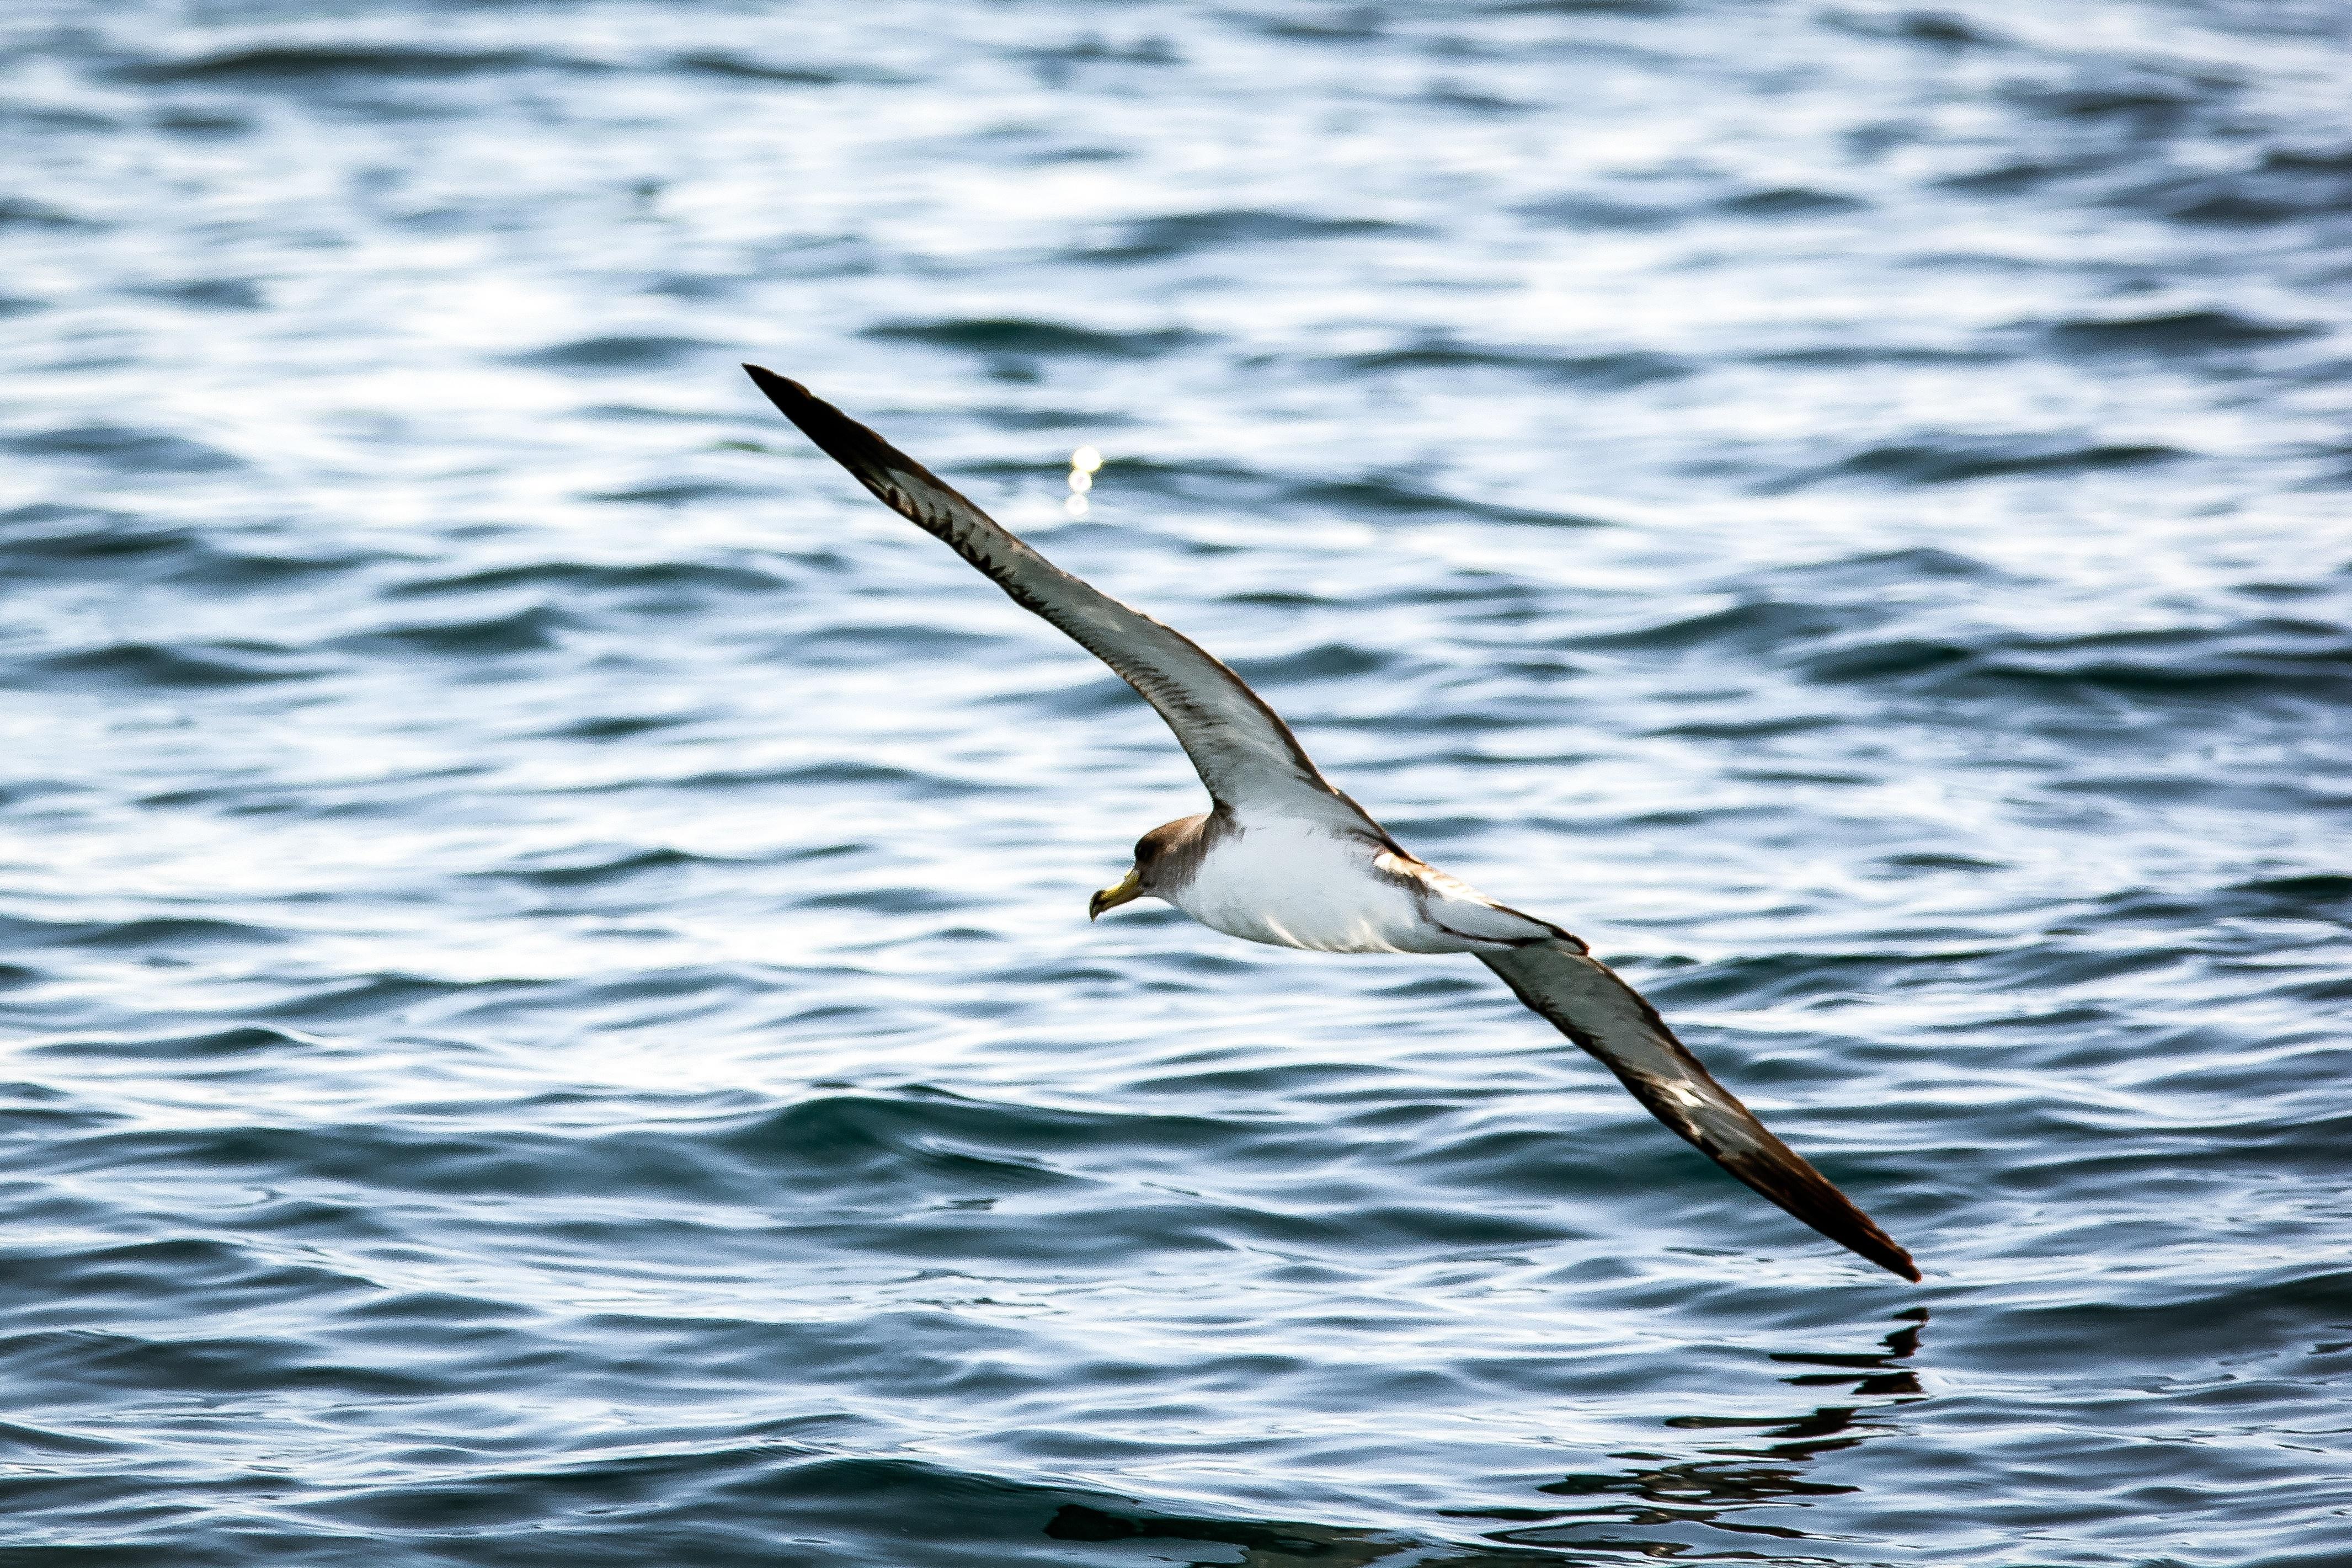 отметить, что чайка над морем фото окружена реликтовым